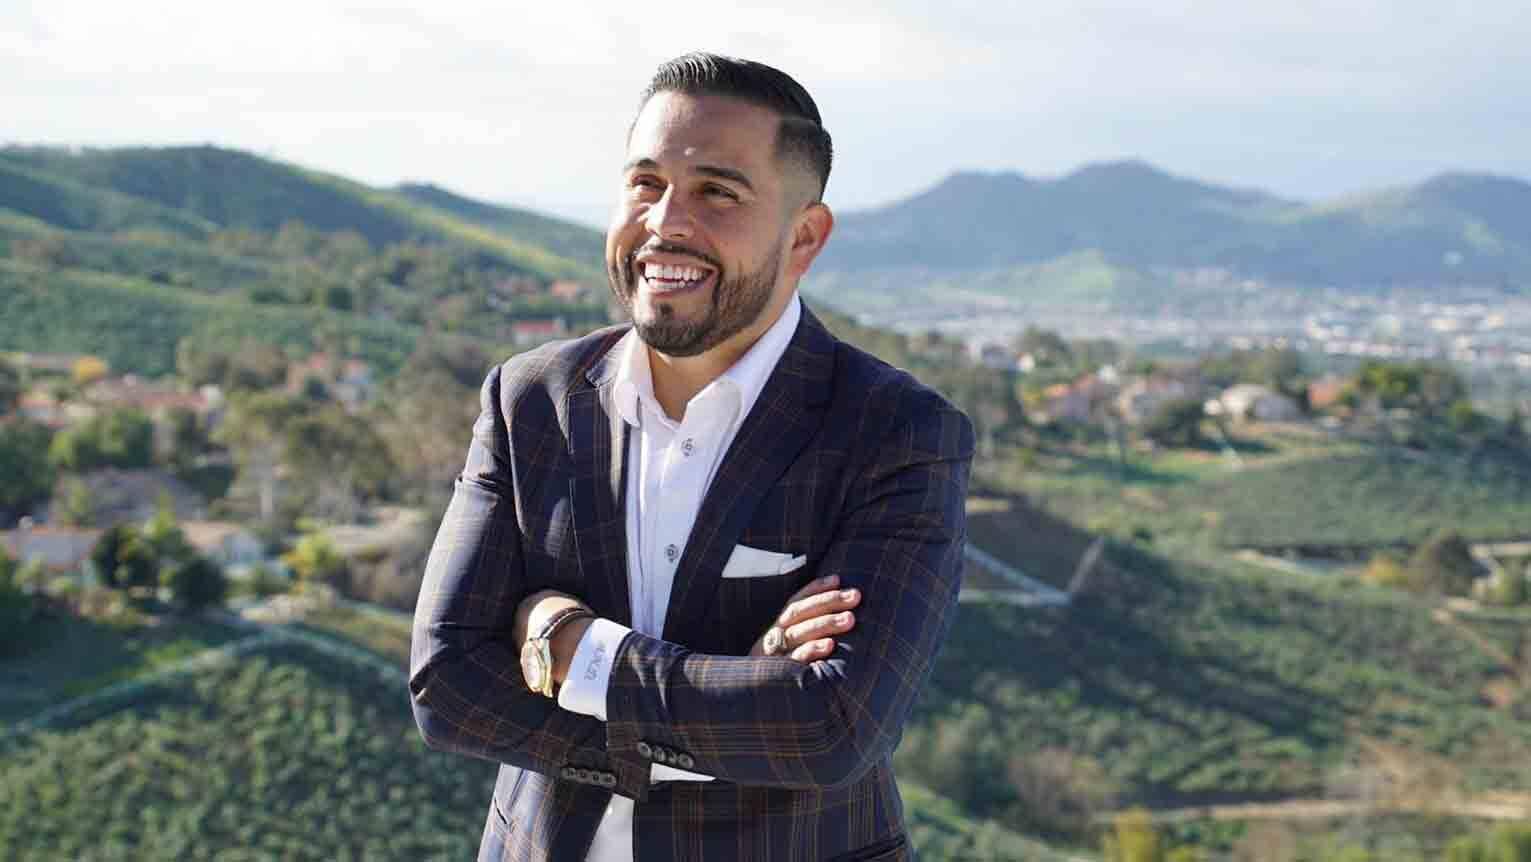 Mario Arrizon: conheça o jovem influenciador que entrou para o 'Hall da Fama' da Bolsa de Valores de Nova Iorque. Foto: Divulgação